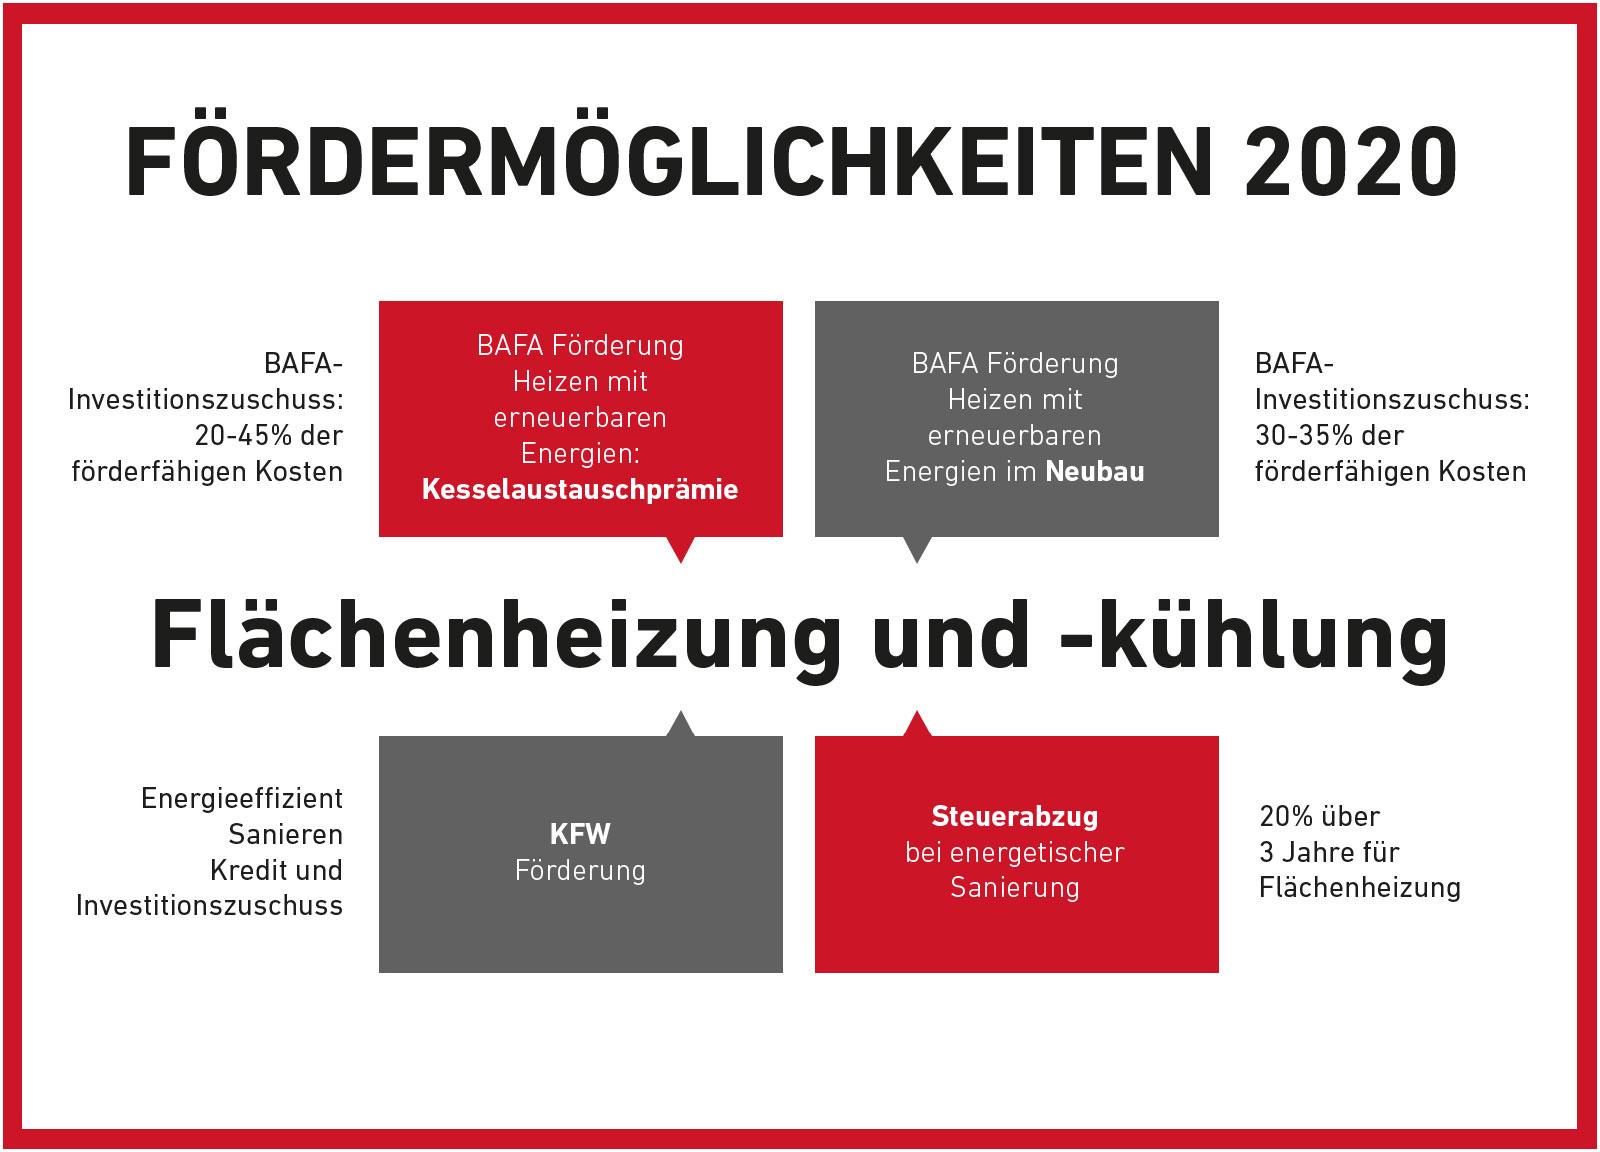 Fördermöglichkeiten 2020 - Flächenheizung und -kühlung